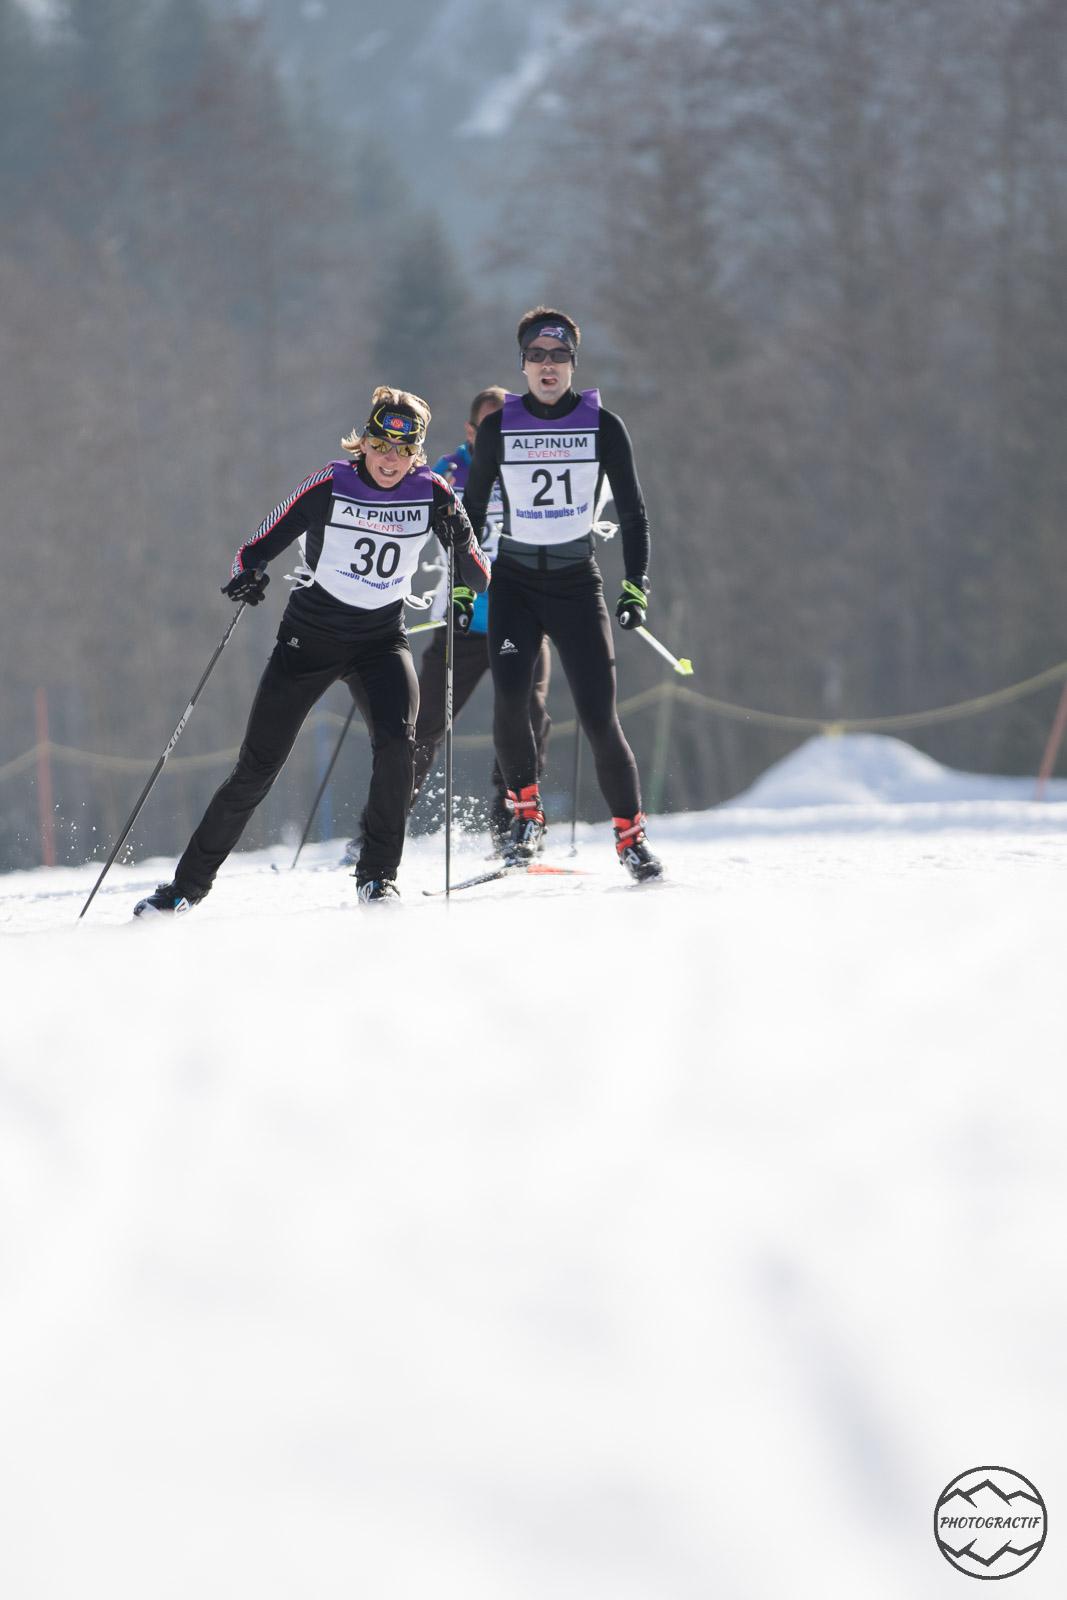 Biathlon Alpinum Les Contamines 2019 (89)